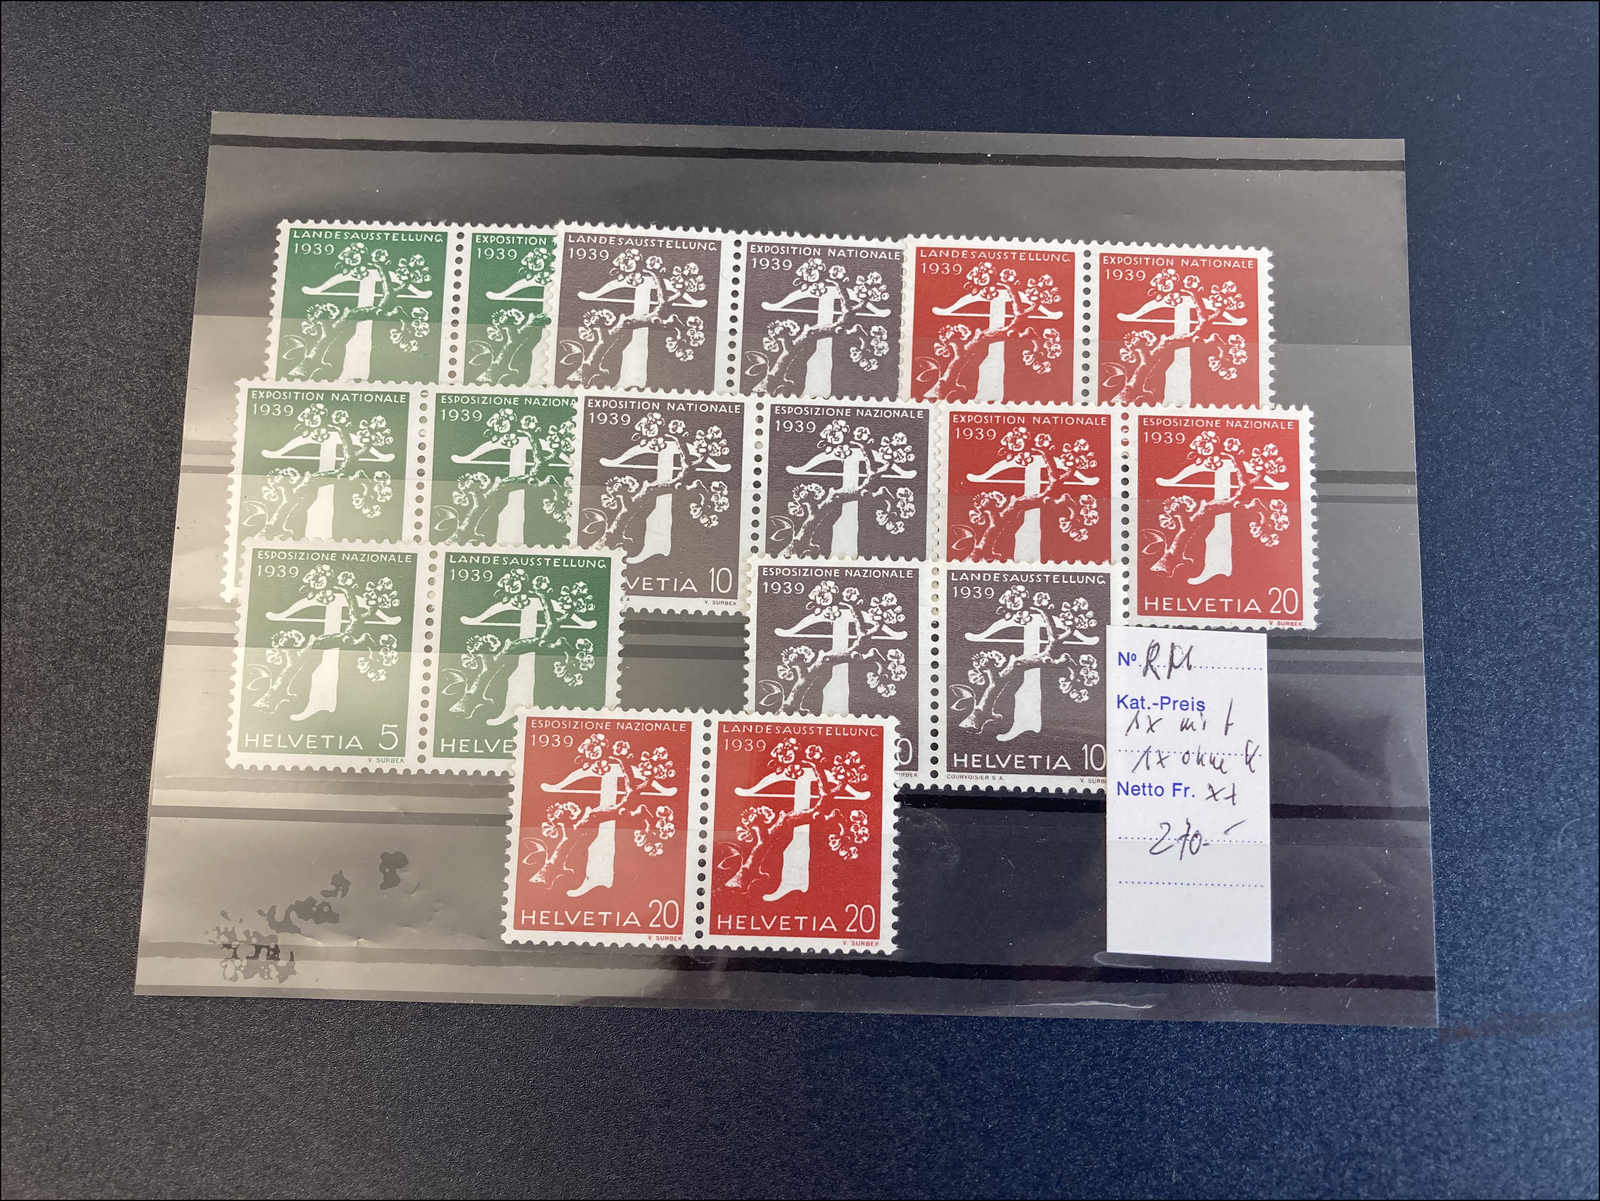 Lot 153 - schweiz Schweiz Freimarken nach 1907 -  Rolli Auctions Auction #68 Day 1